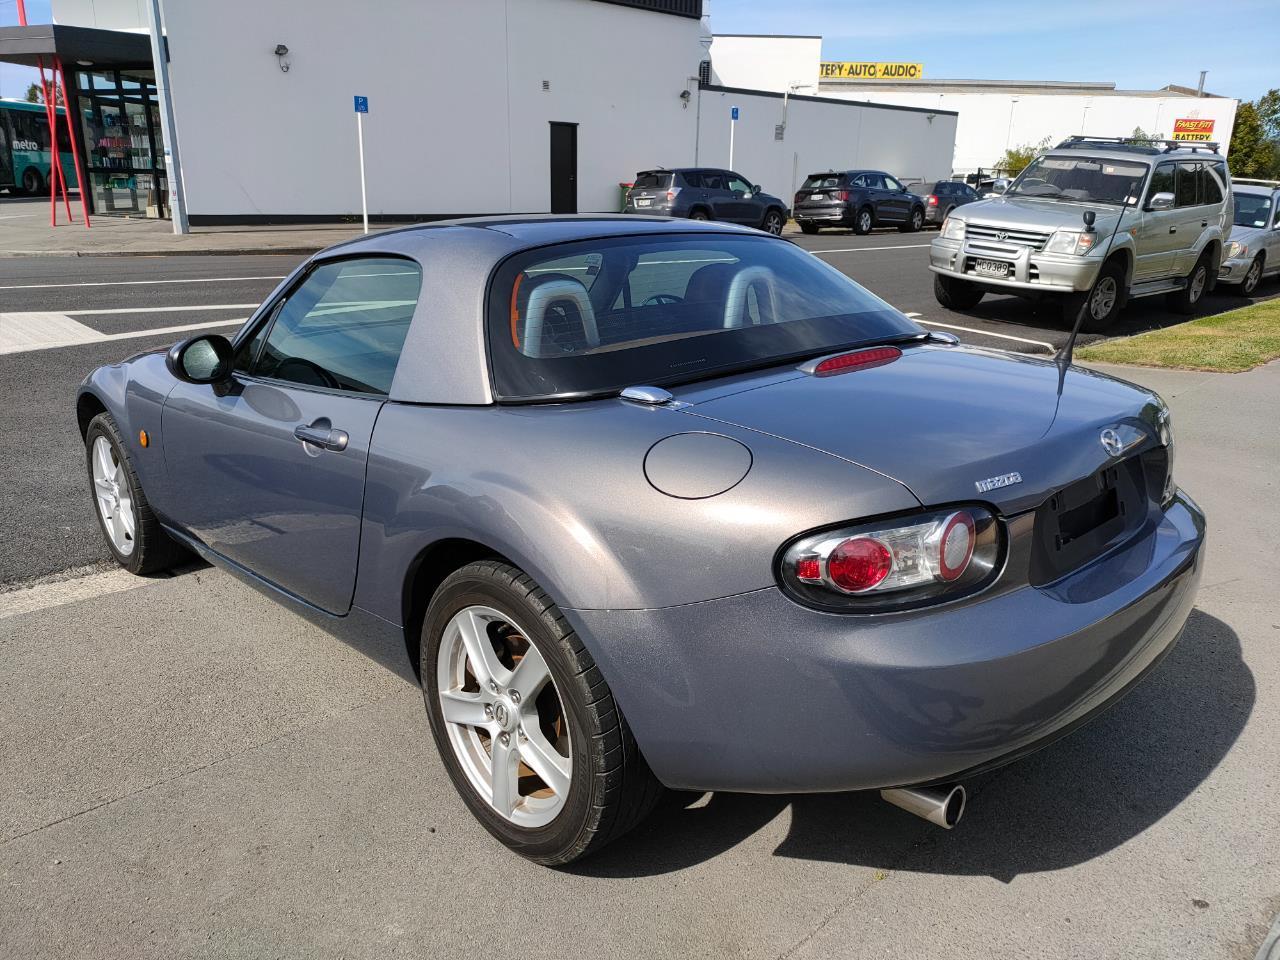 image-2, 2006 Mazda Roadster at Christchurch